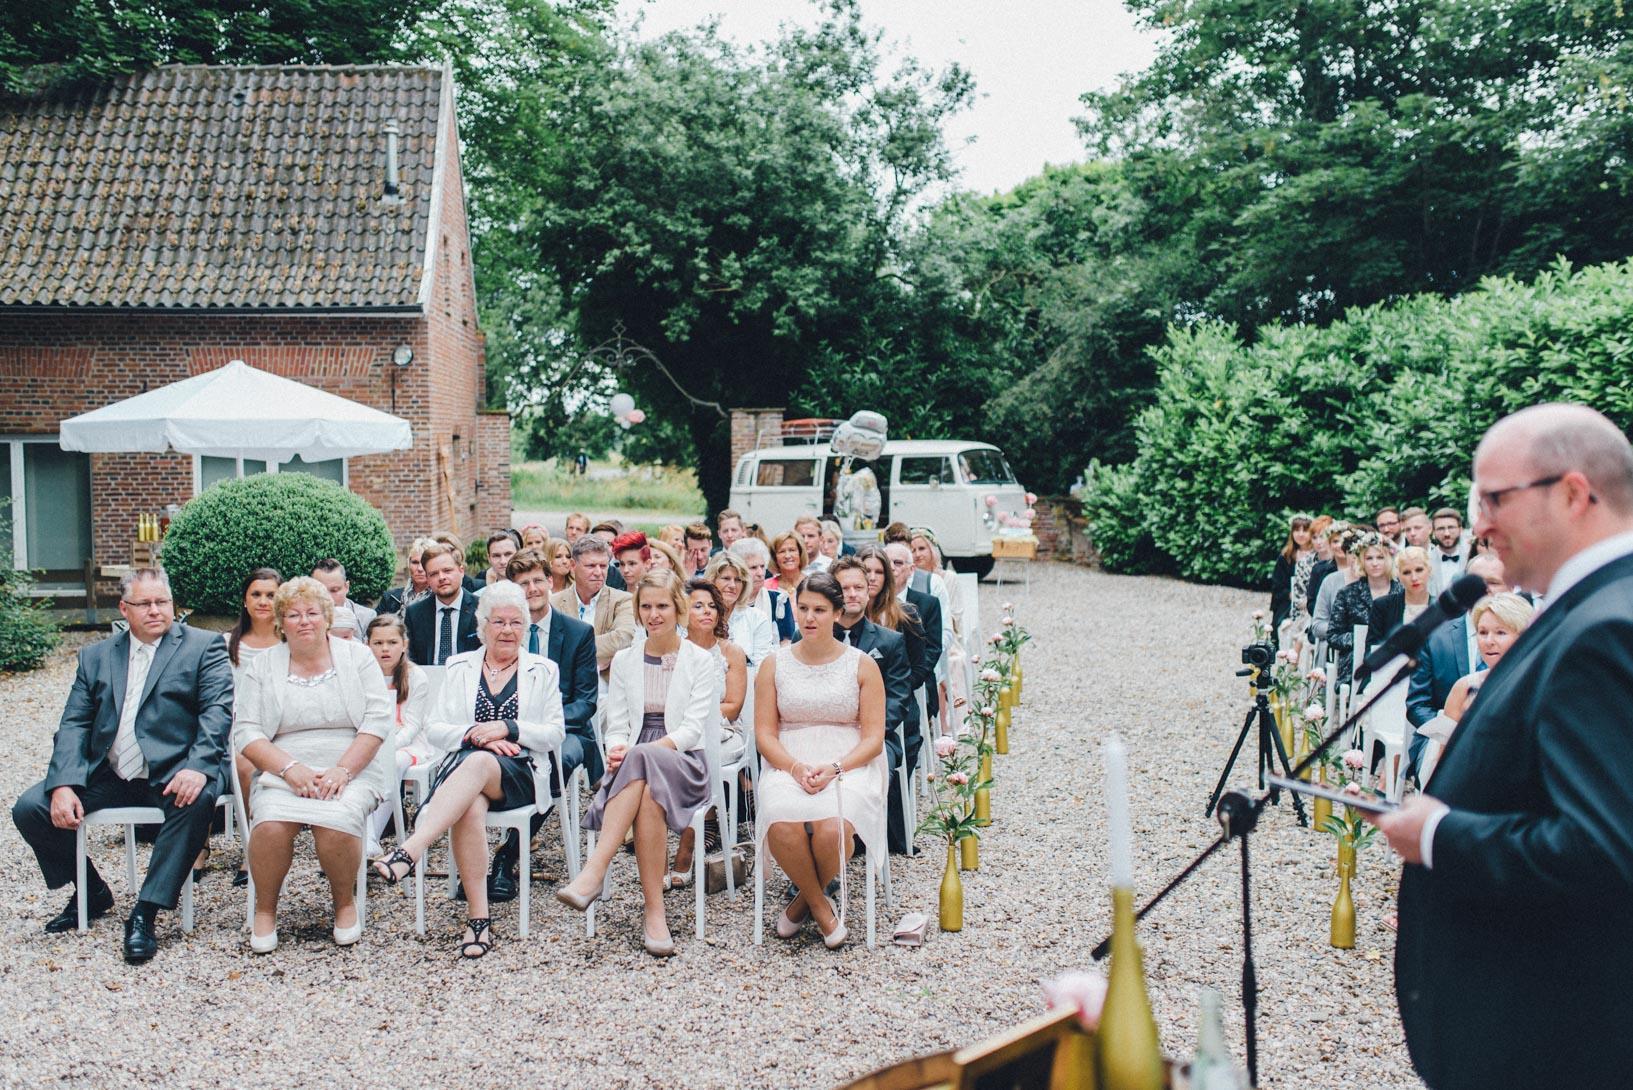 DIY-Hochzeit-gold-VW-Bully-61 Janet & Pierre DIY Midsummer-Wedding in Gold mit VW BulliDIY Hochzeit gold VW Bully 61